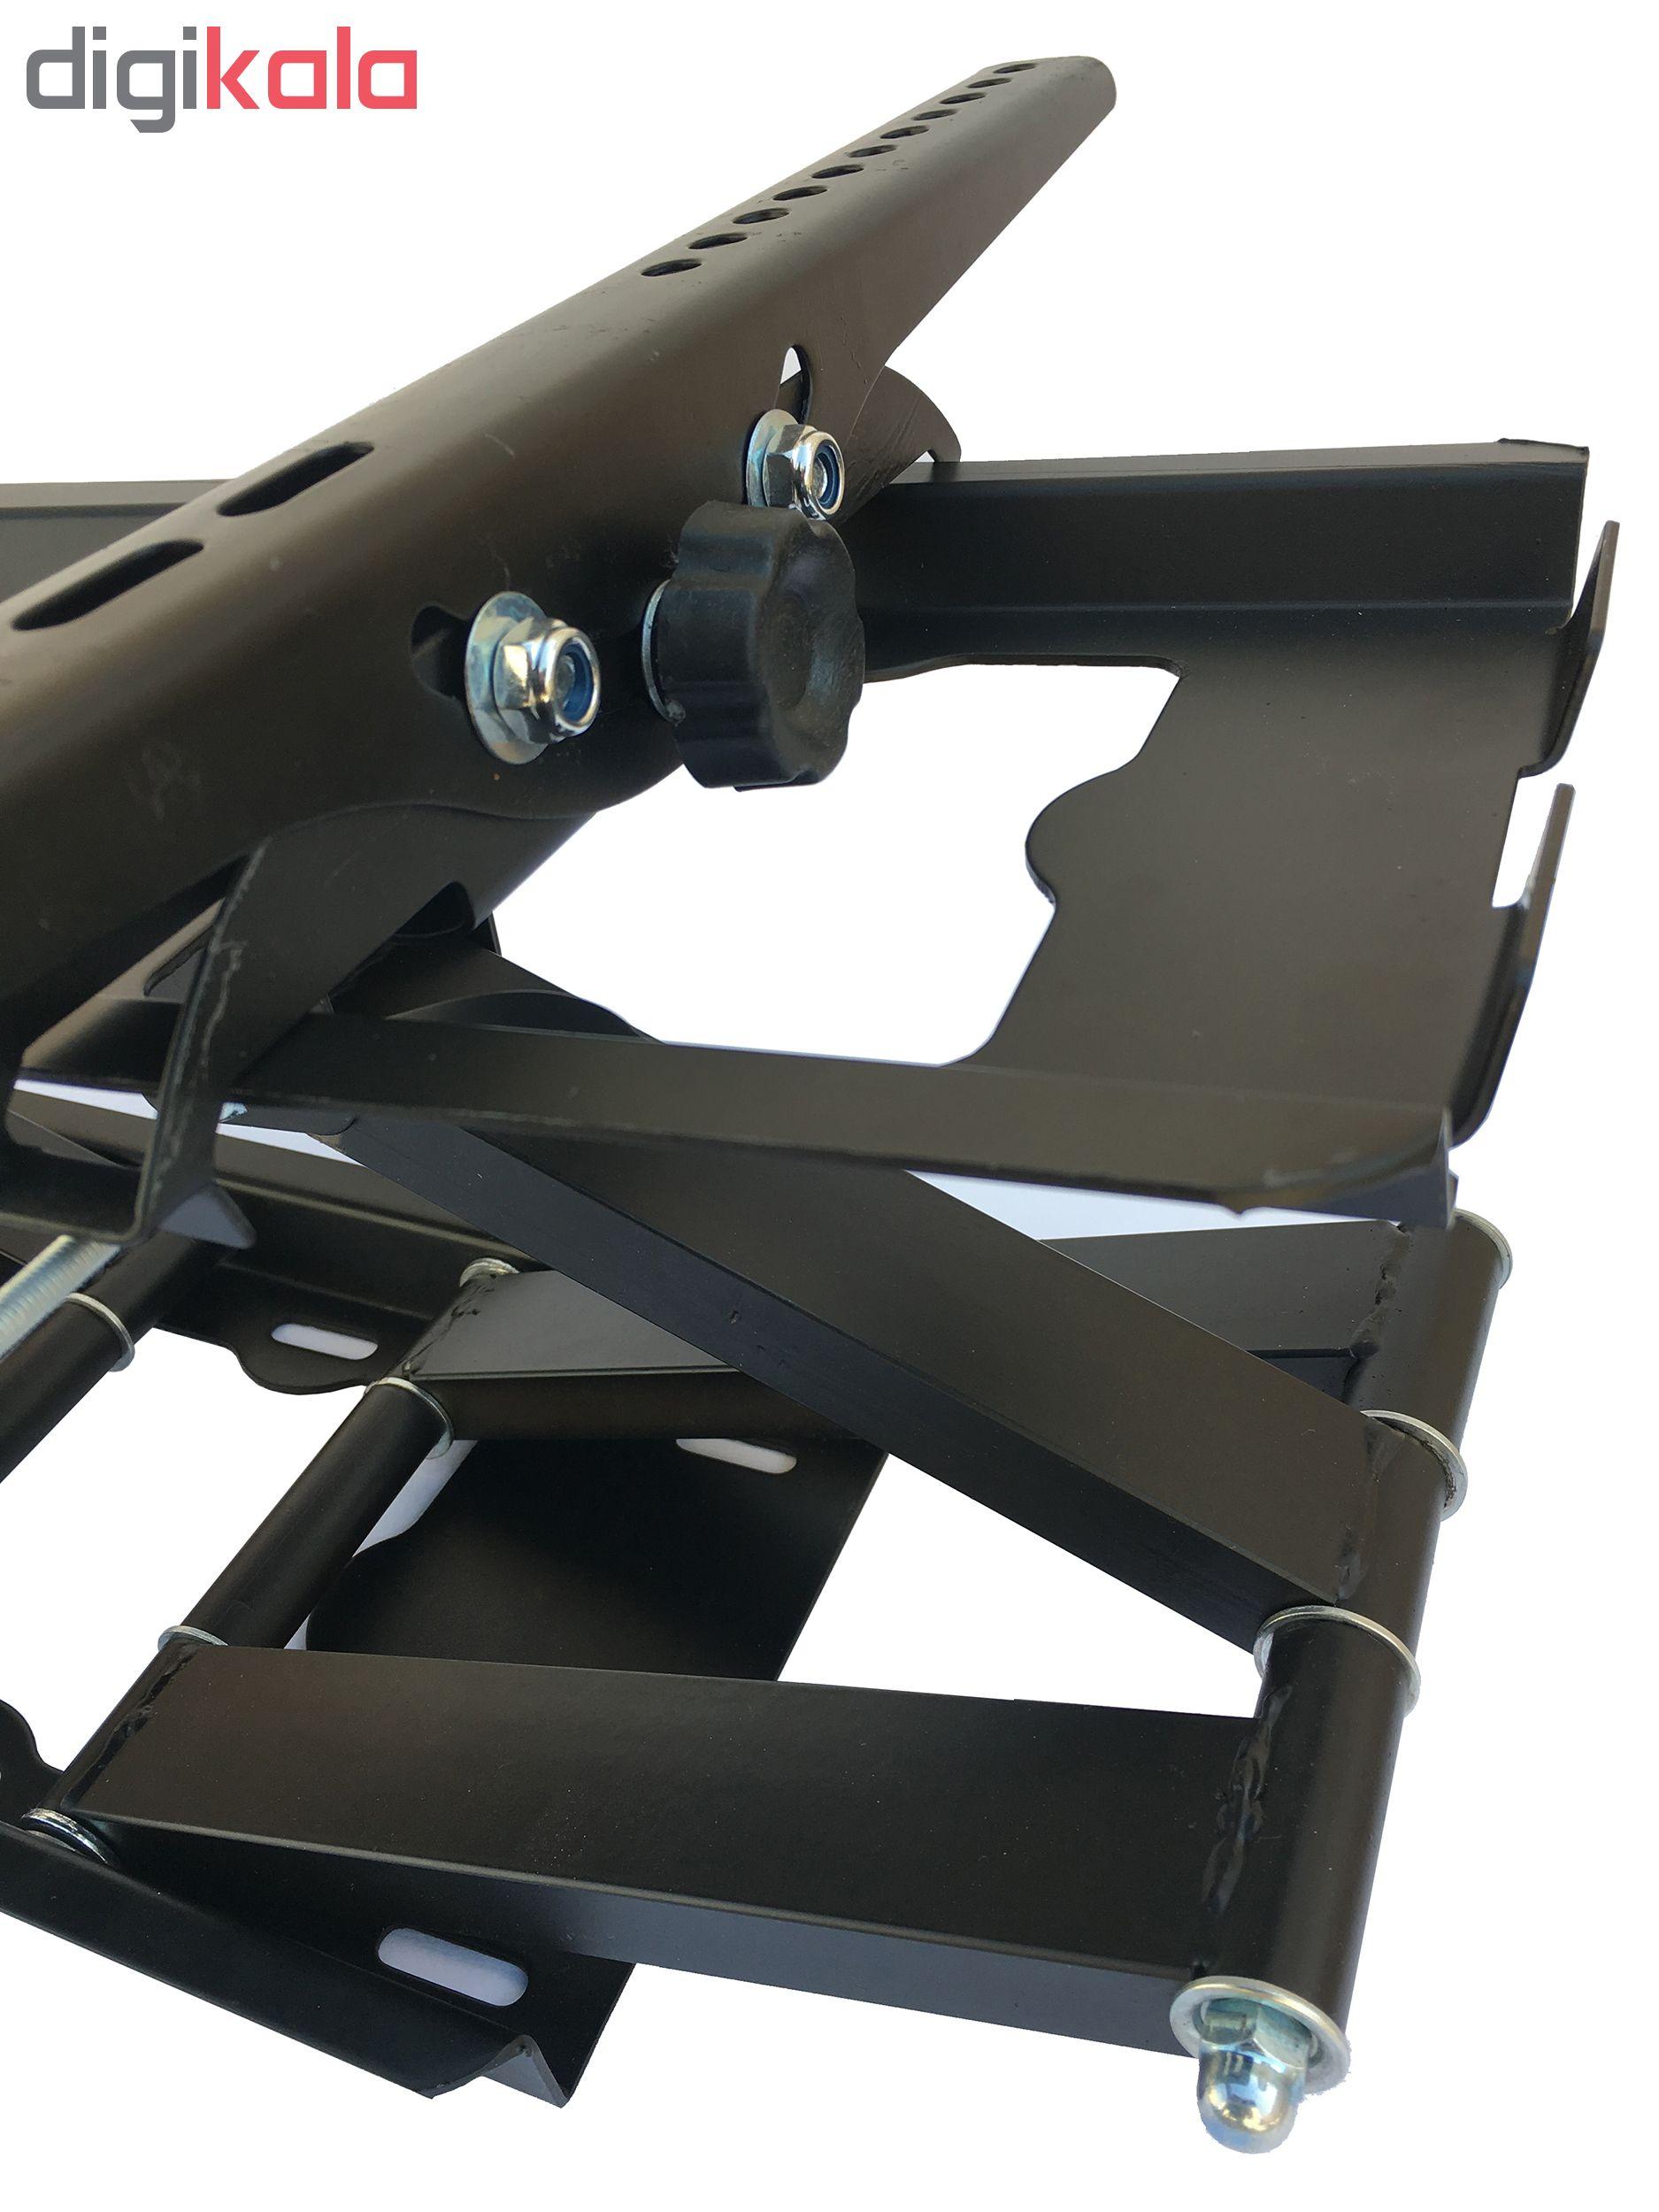 پایه دیواری تلویزیون کاردو مدل A3 مناسب برای تلوزیون 30 تا 65 اینچ